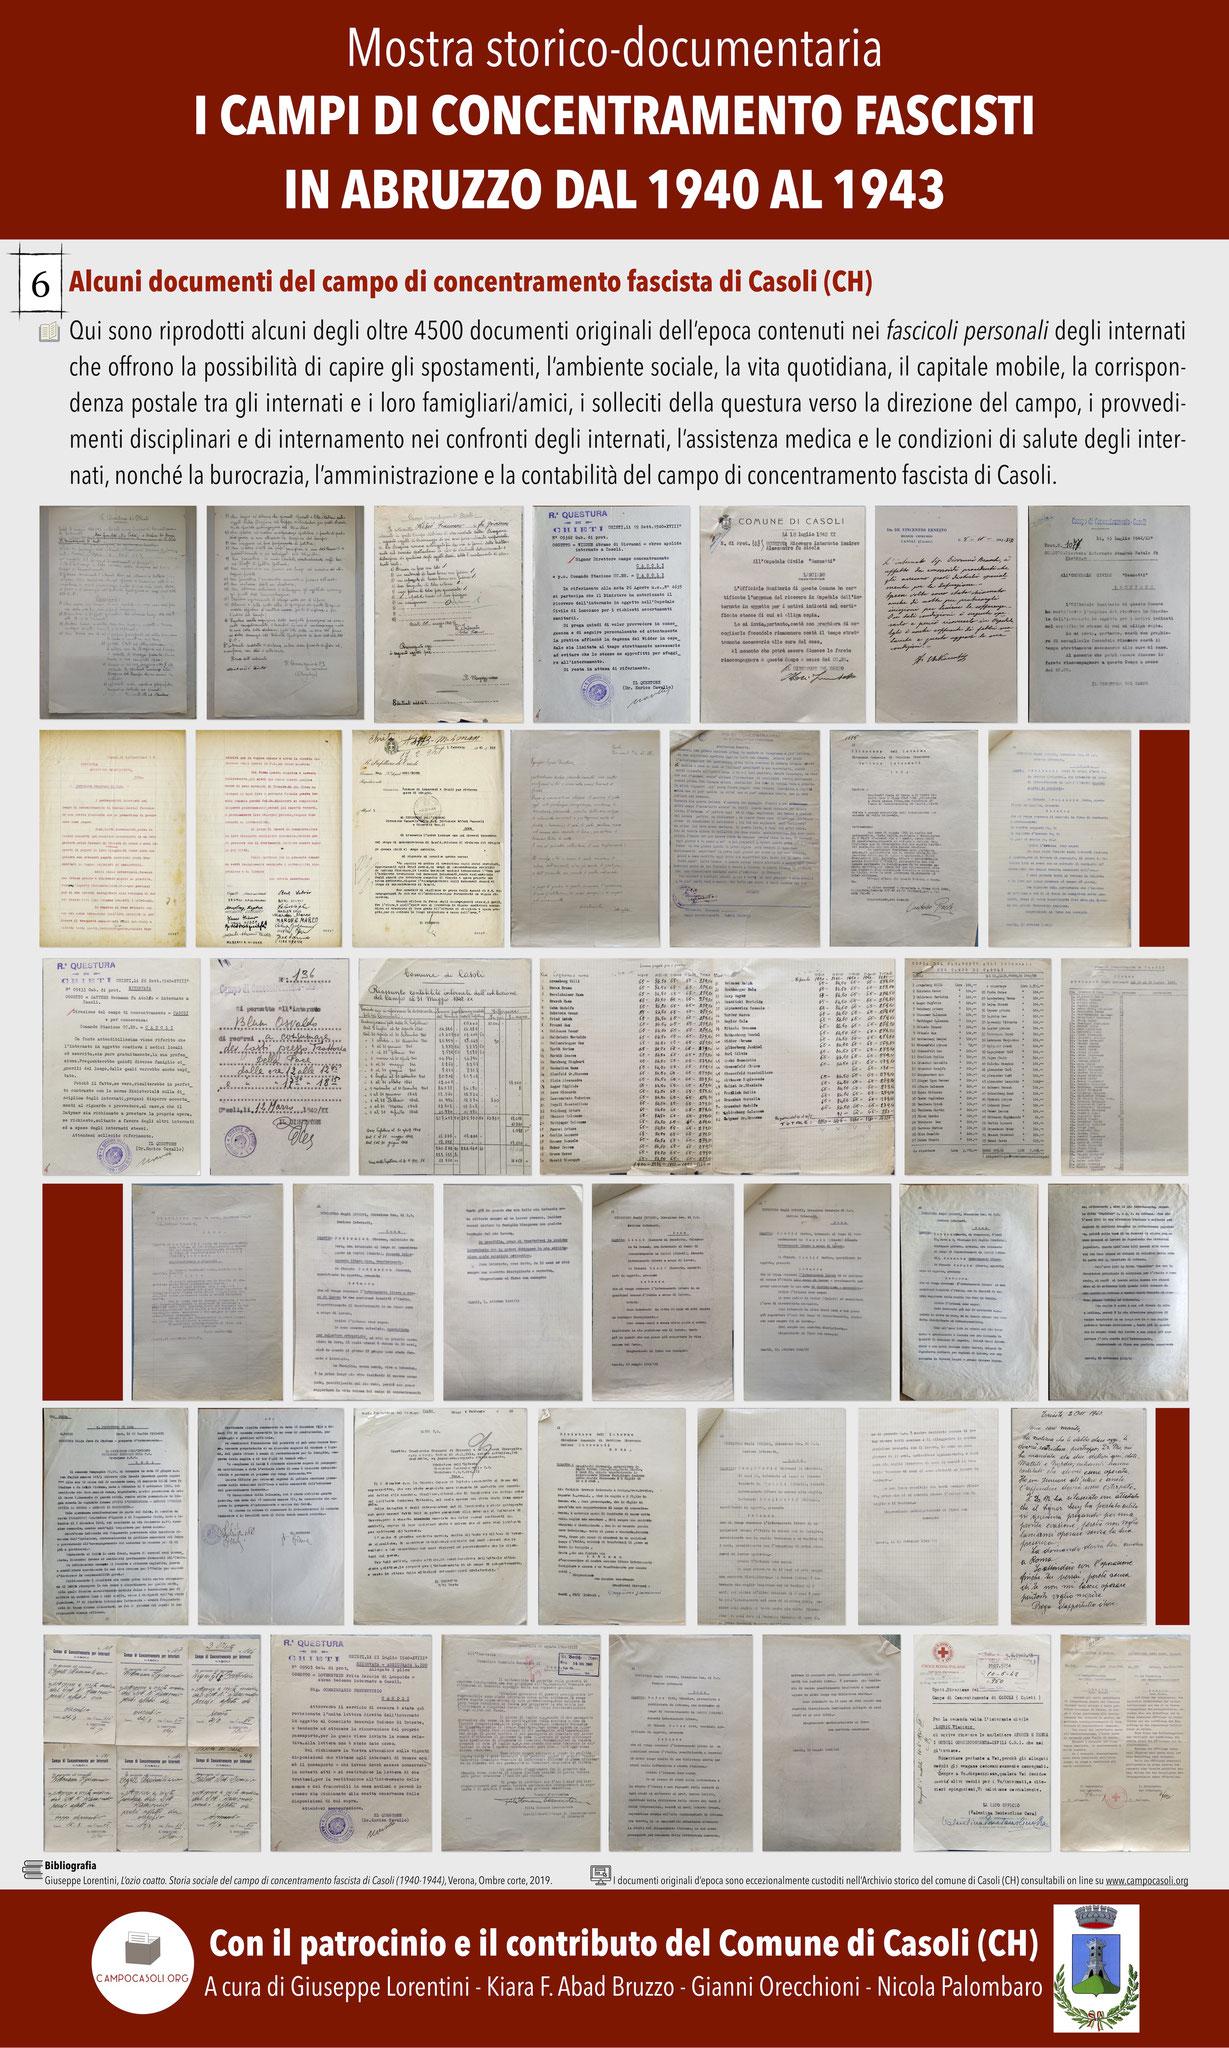 6. Alcuni documenti del campo di concentramento fascista di Casoli (CH)